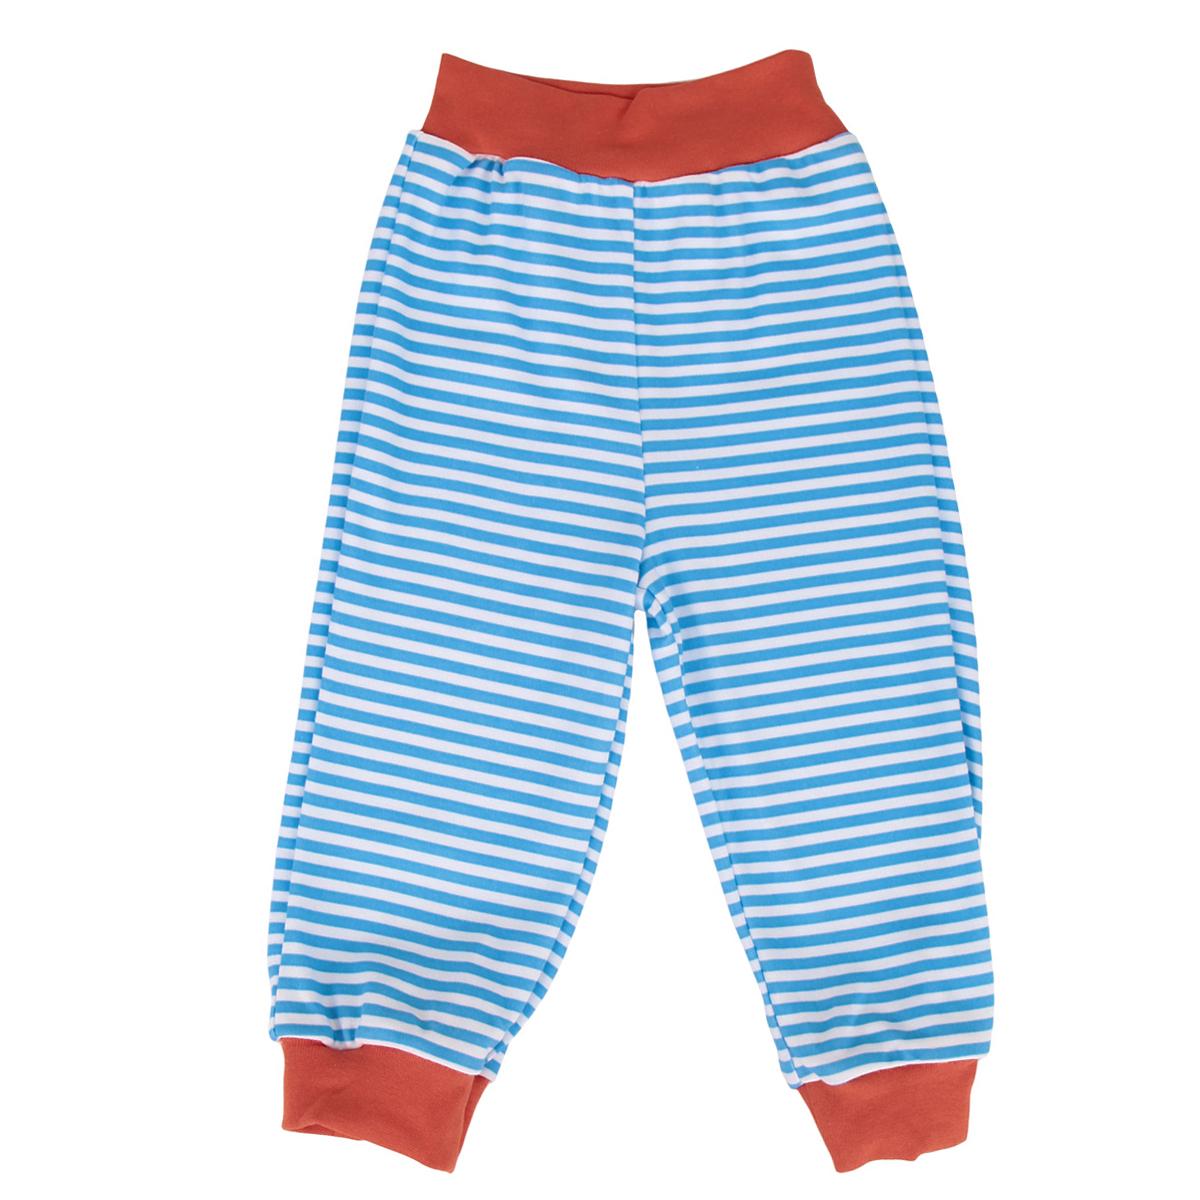 Штанишки на широком поясе для мальчика КотМарКот, цвет: голубой, белый, оранжевый. 3561. Размер 74, 6-9 месяцев брюки котмаркот штанишки сердечко